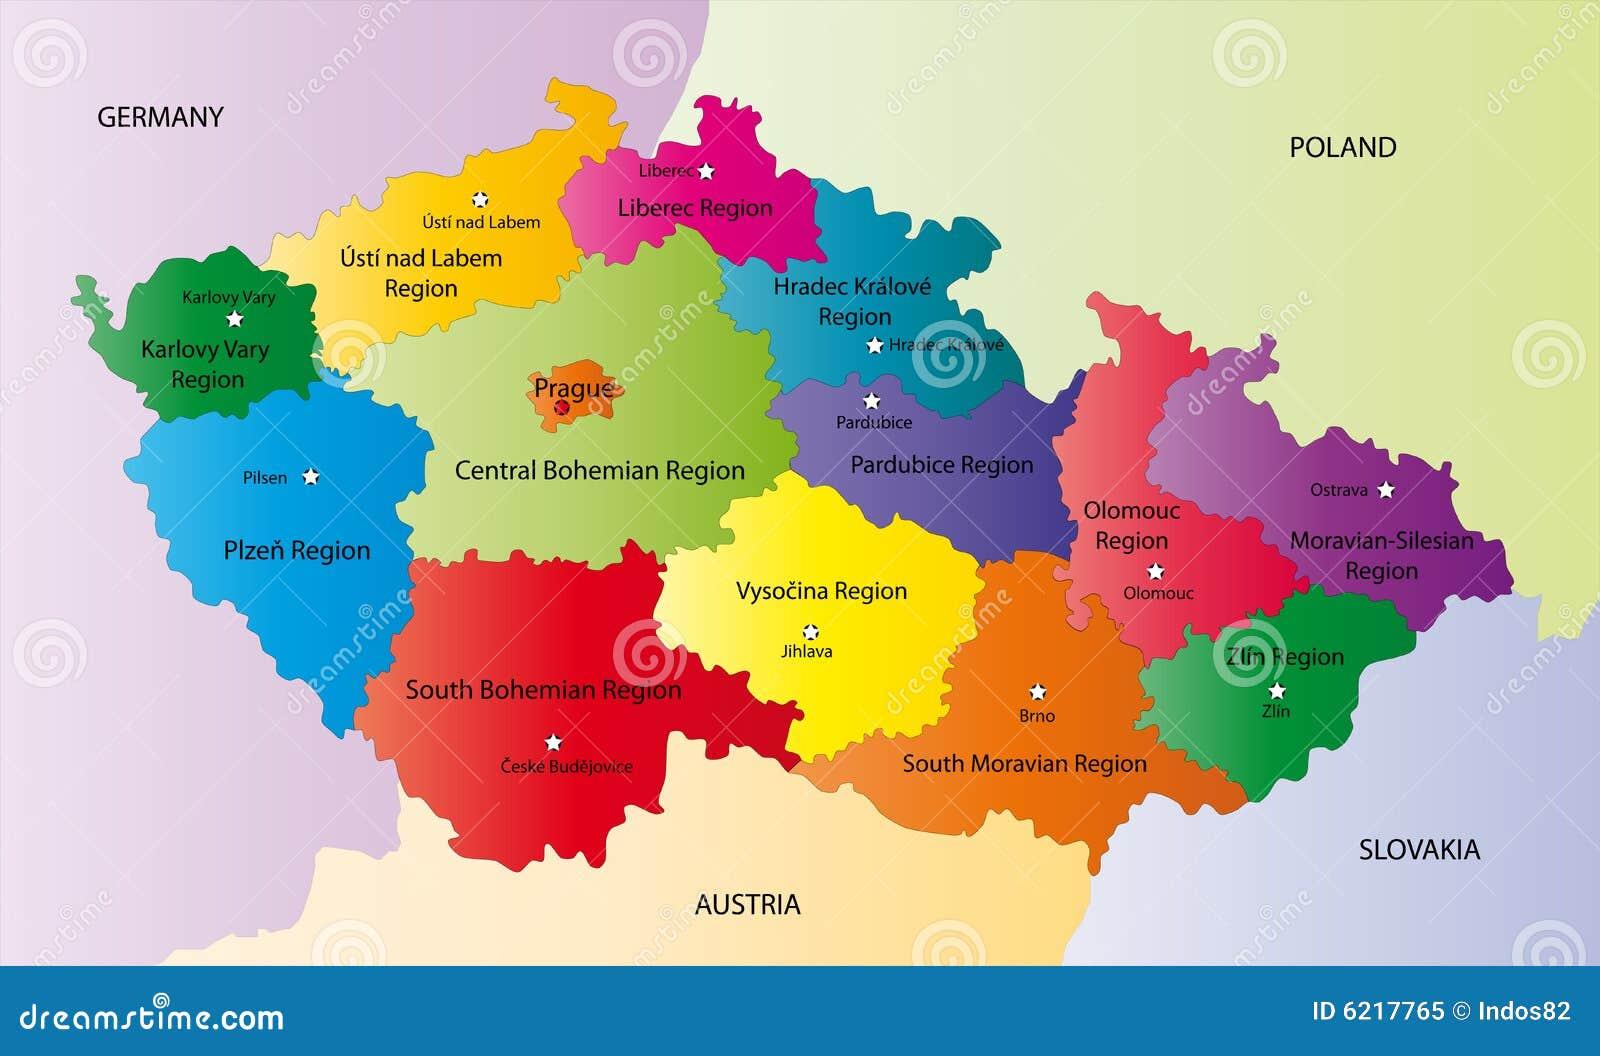 Republique Tcheque Carte Europe.Dirigez La Carte De La Republique Tcheque Illustration De